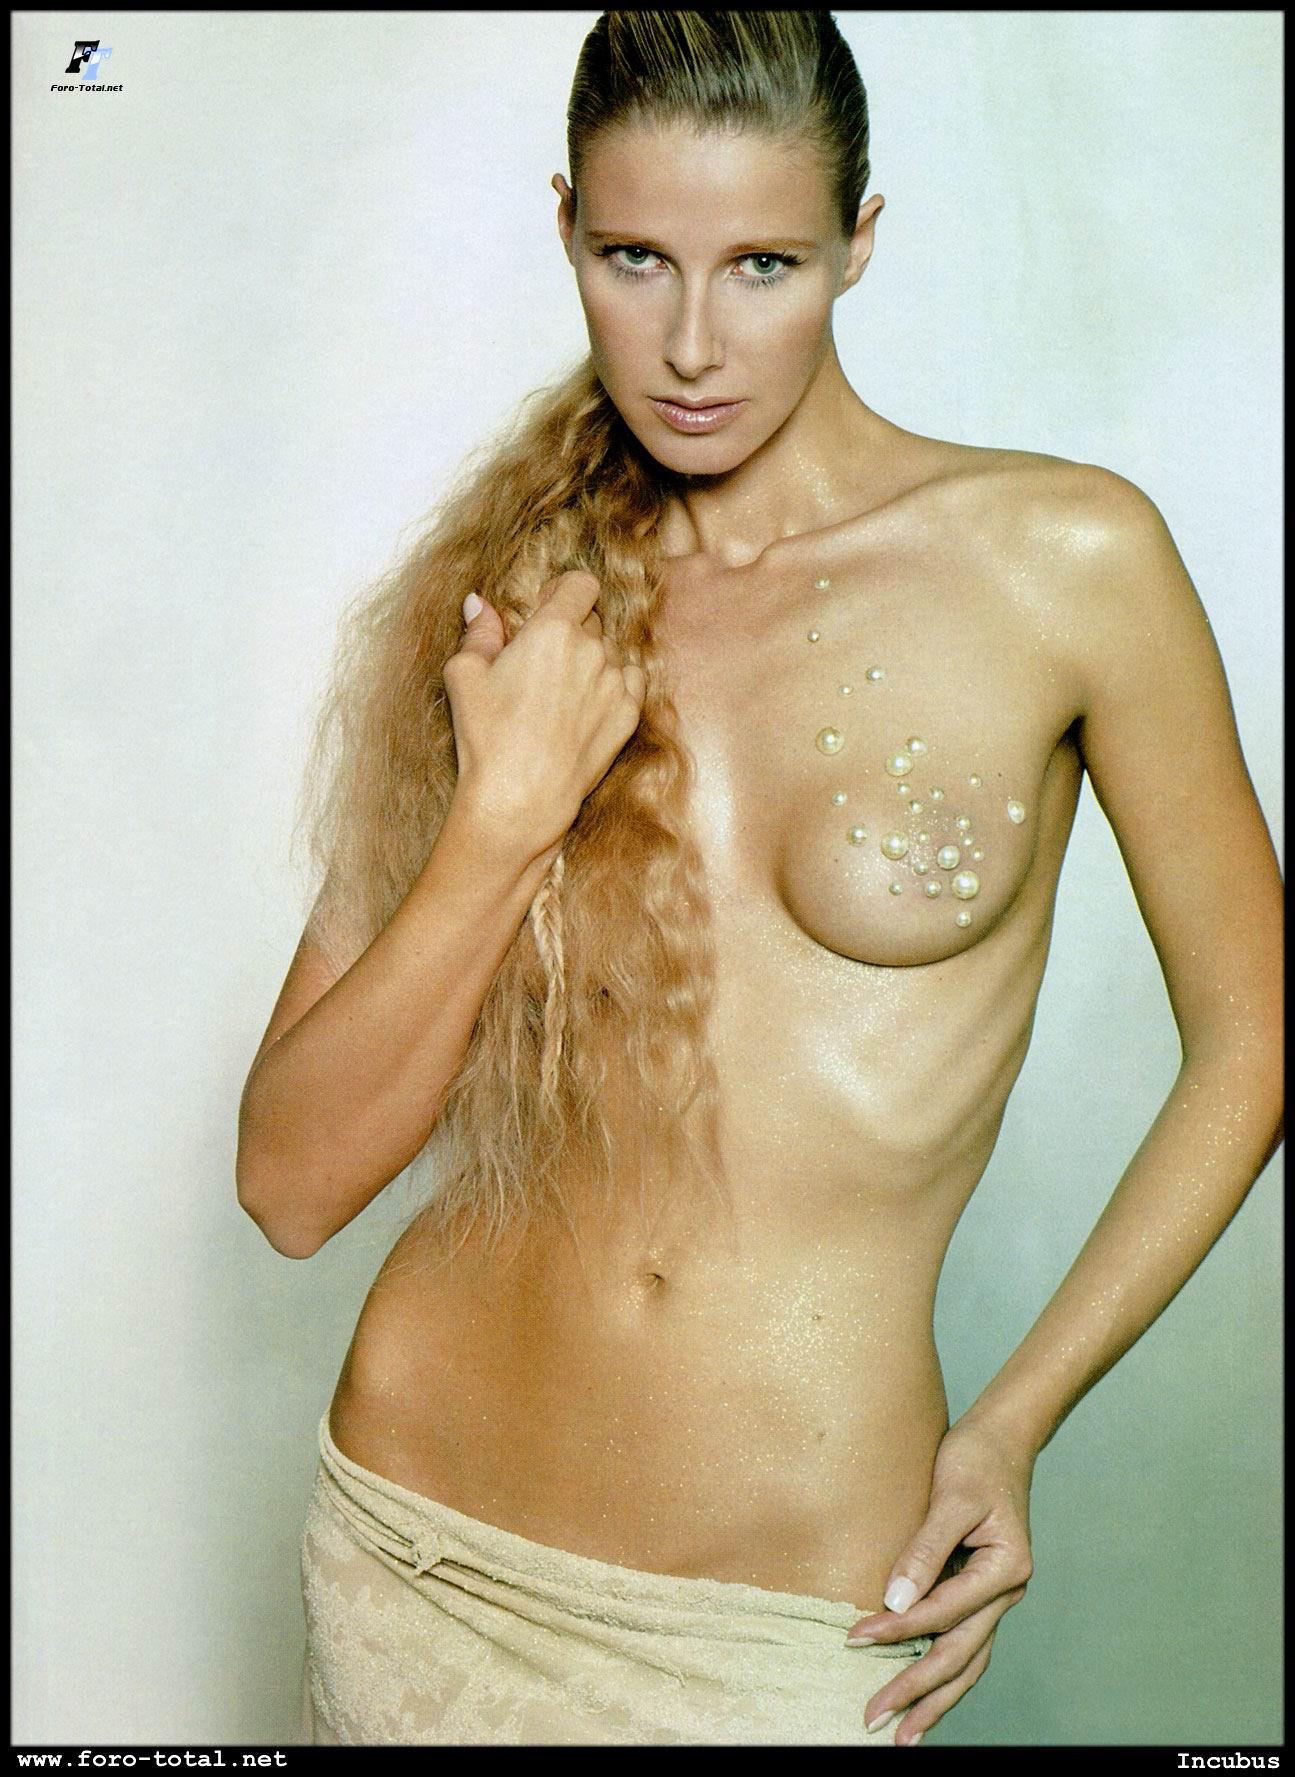 Fotos desnudas de Anne